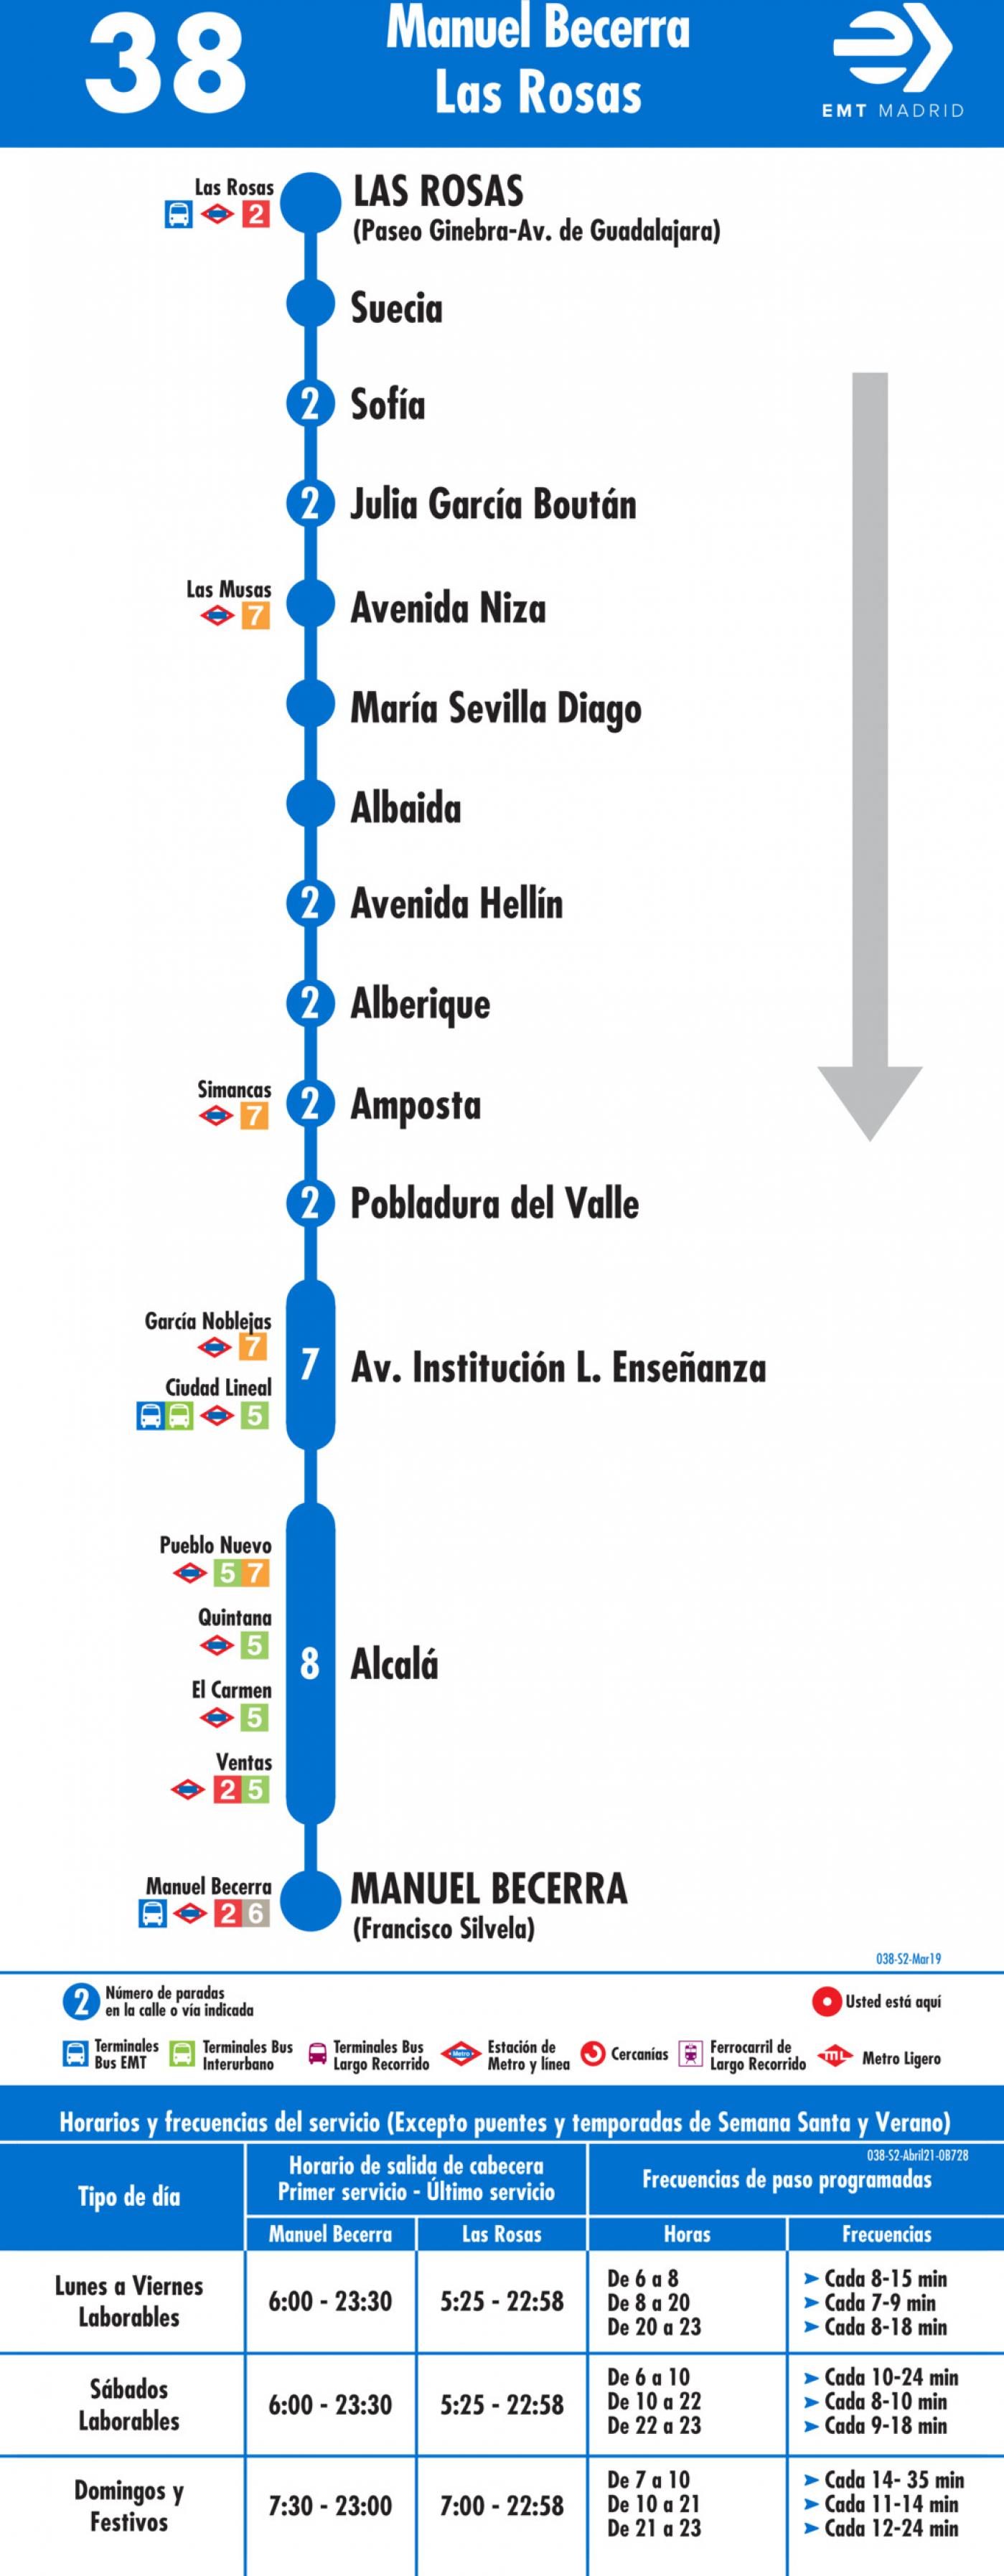 Tabla de horarios y frecuencias de paso en sentido vuelta Línea 38: Plaza de Manuel Becerra - Las Rosas